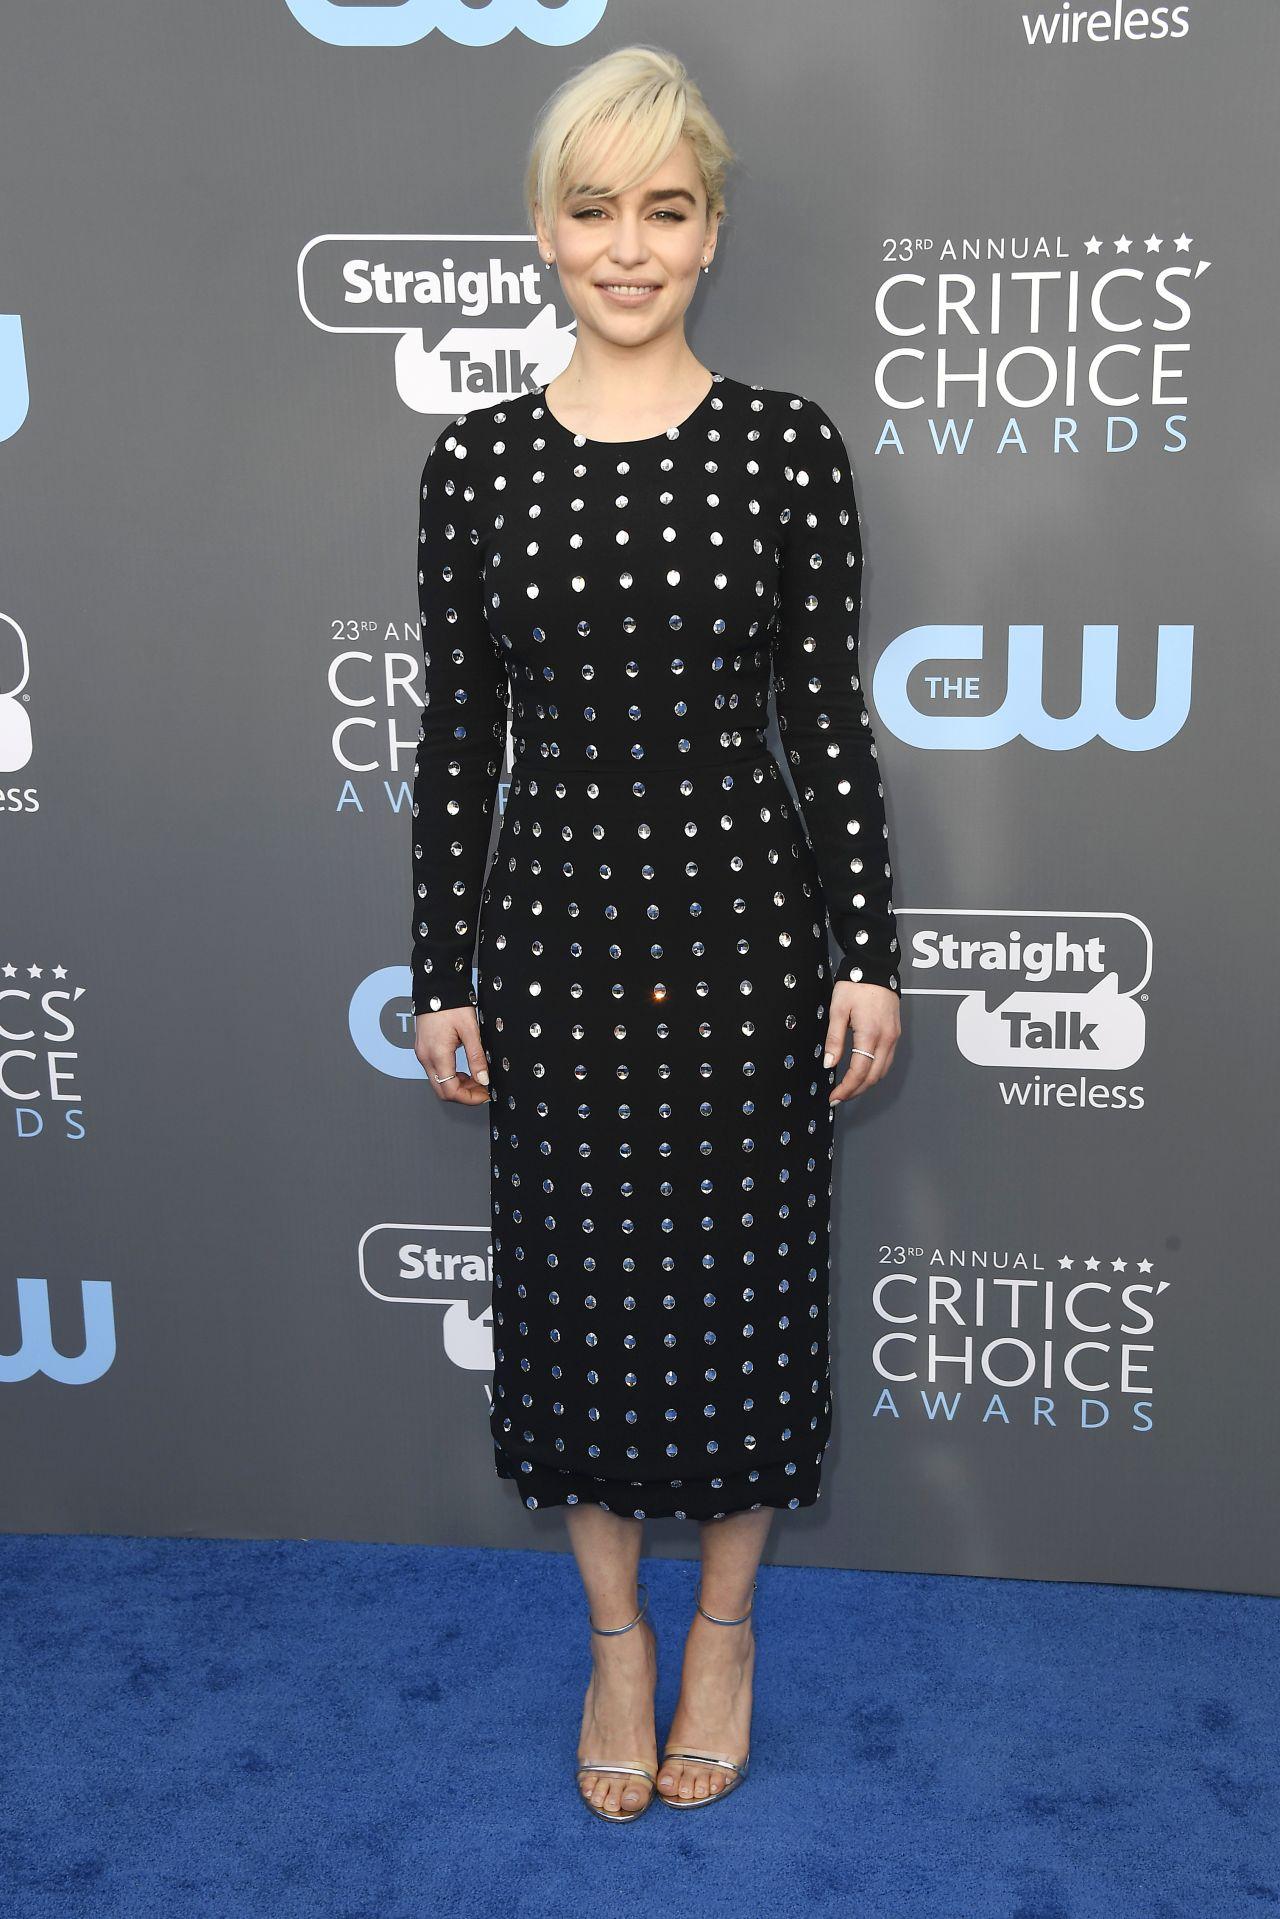 http://celebmafia.com/wp-content/uploads/2018/01/emilia-clarke-2018-critics-choice-awards-9.jpg